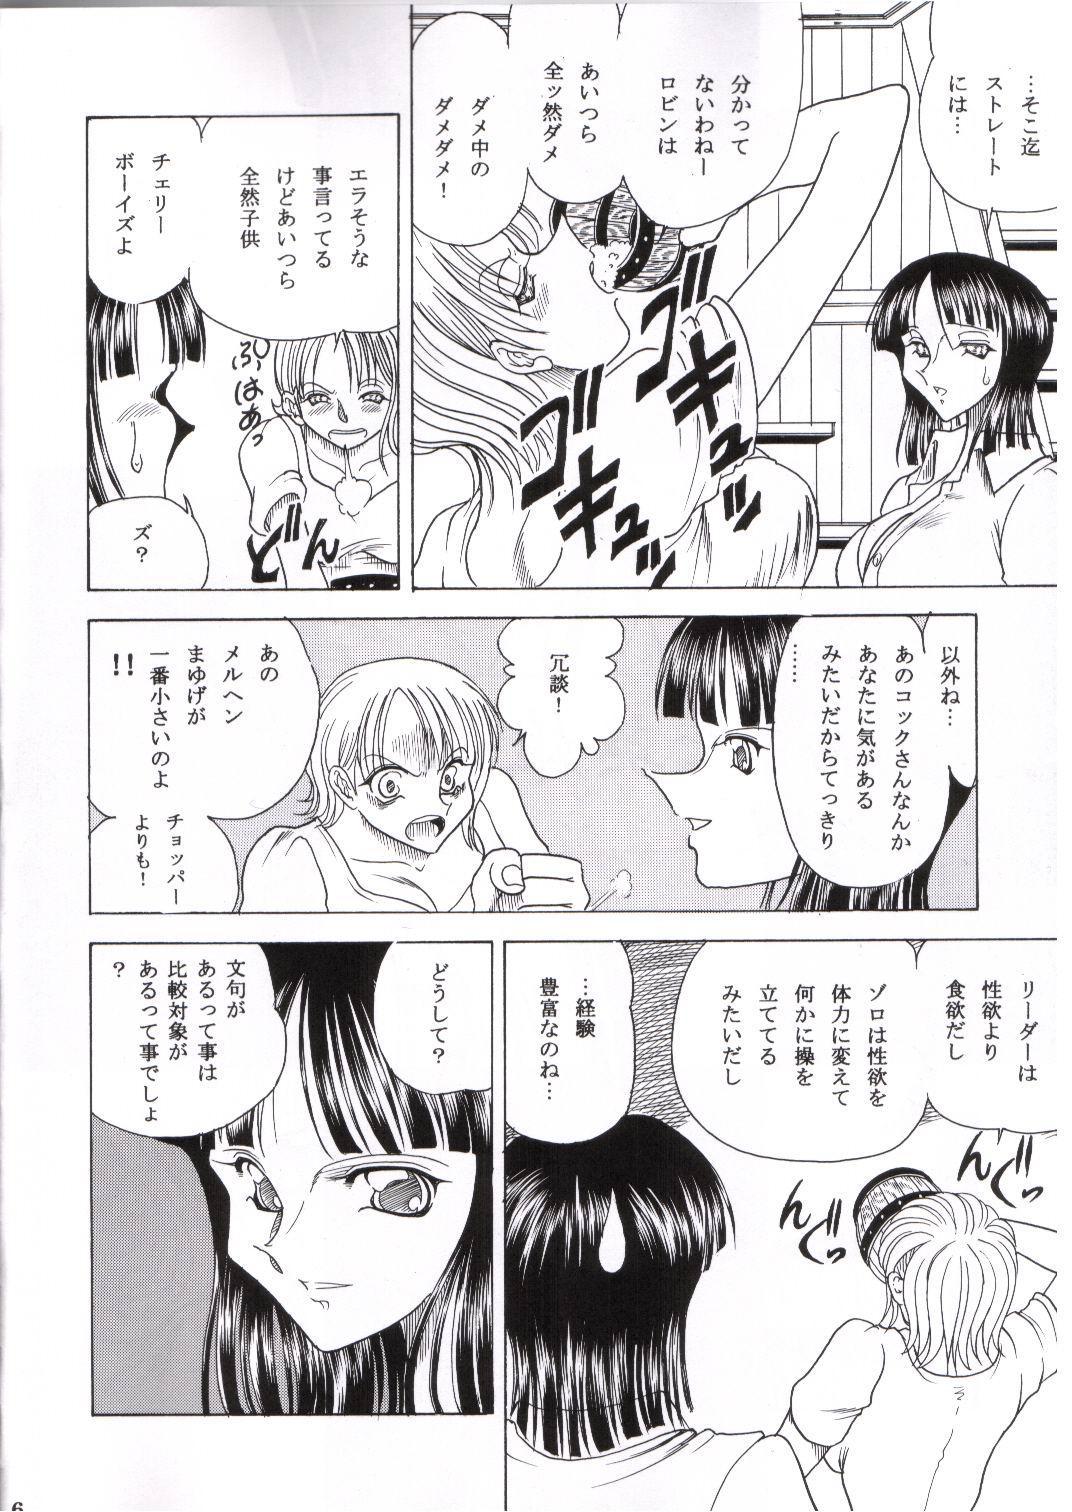 ZONE 25 Futari Saki 2